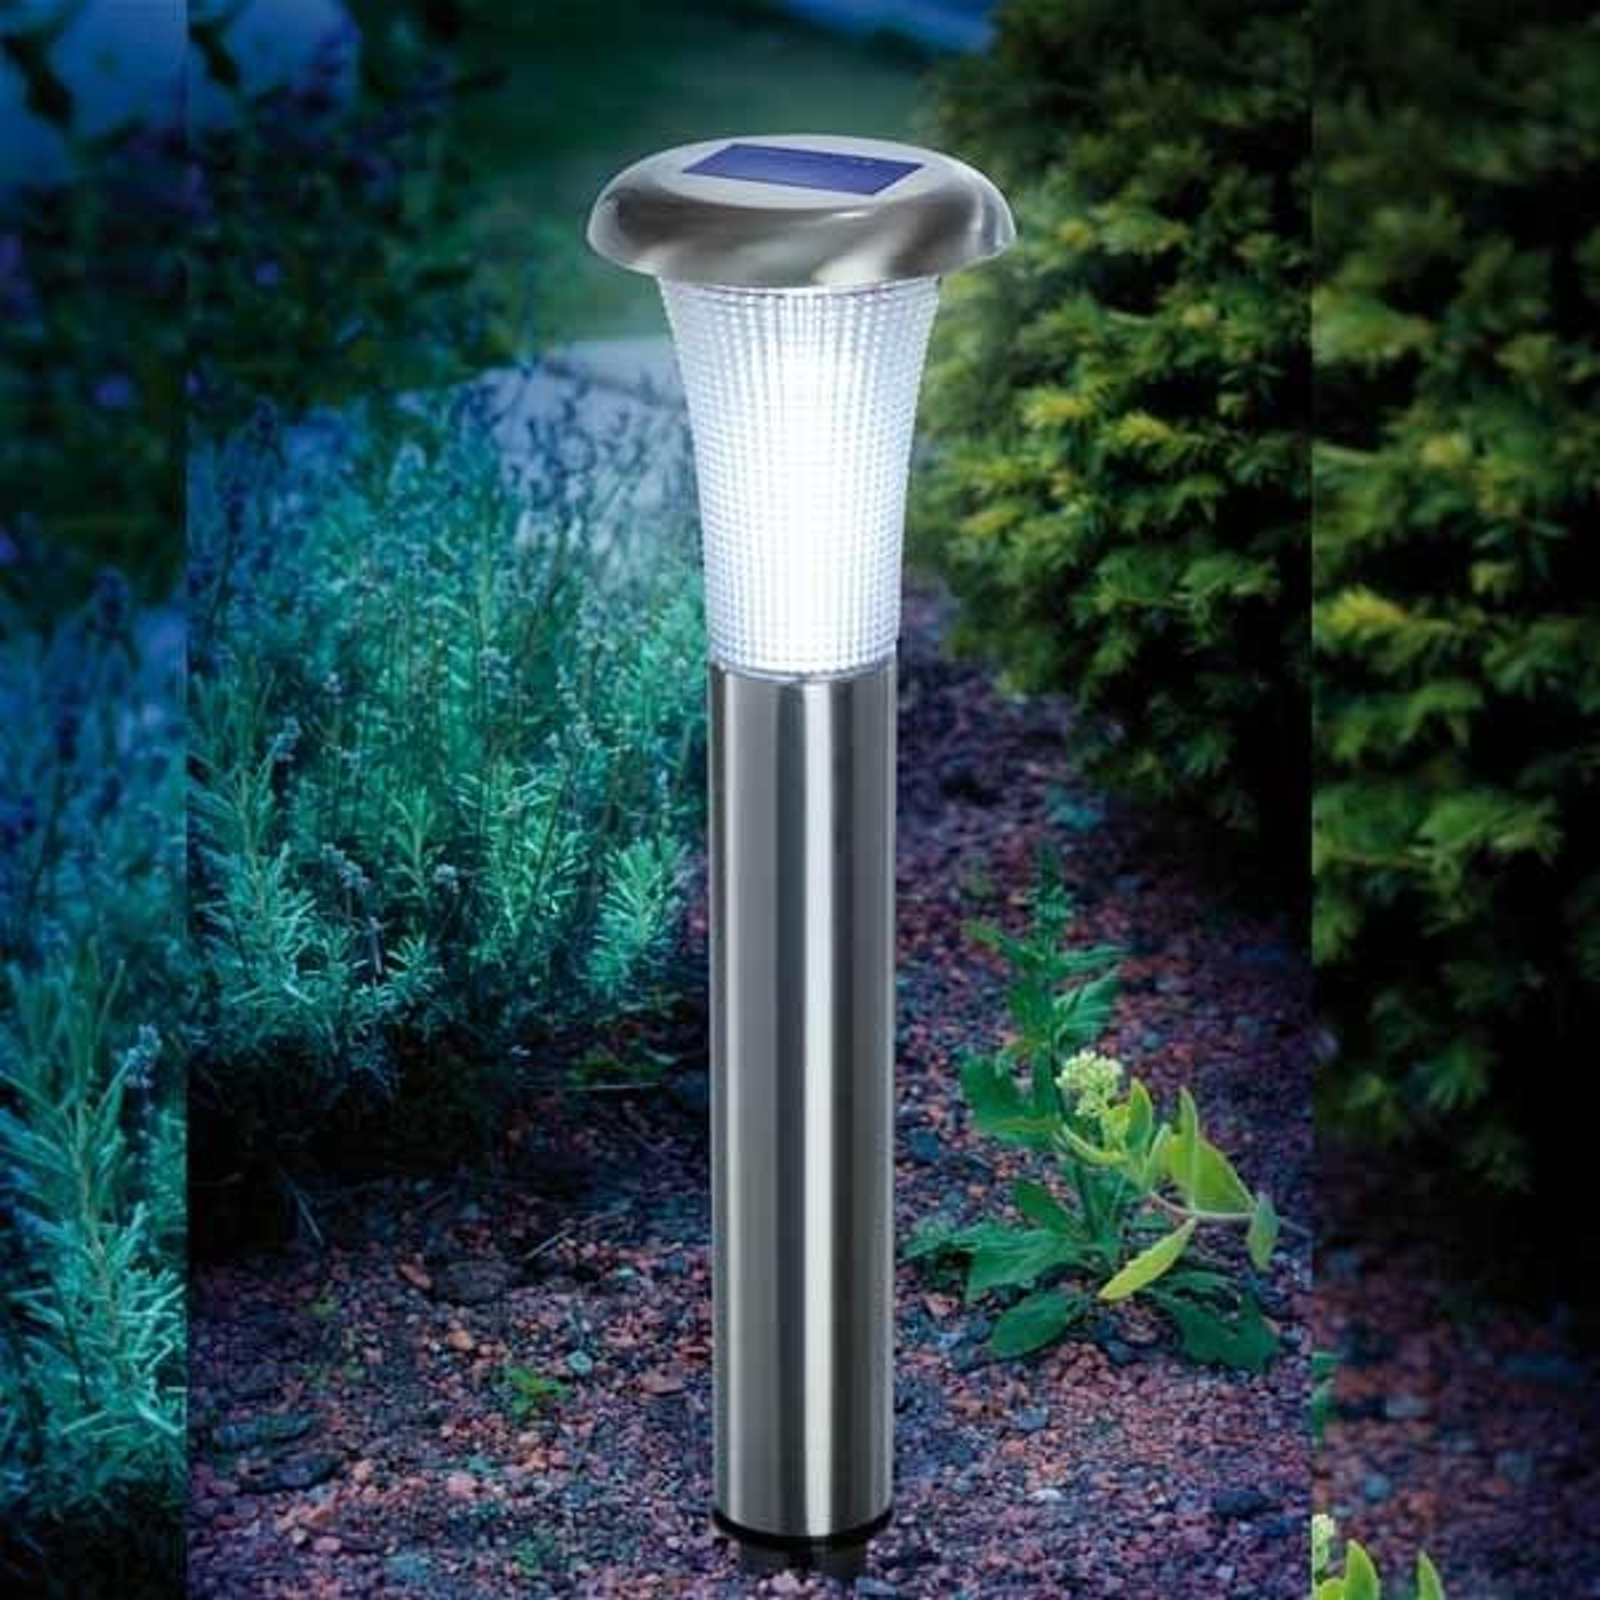 Lampada solare a LED Vesuv in acciaio inox